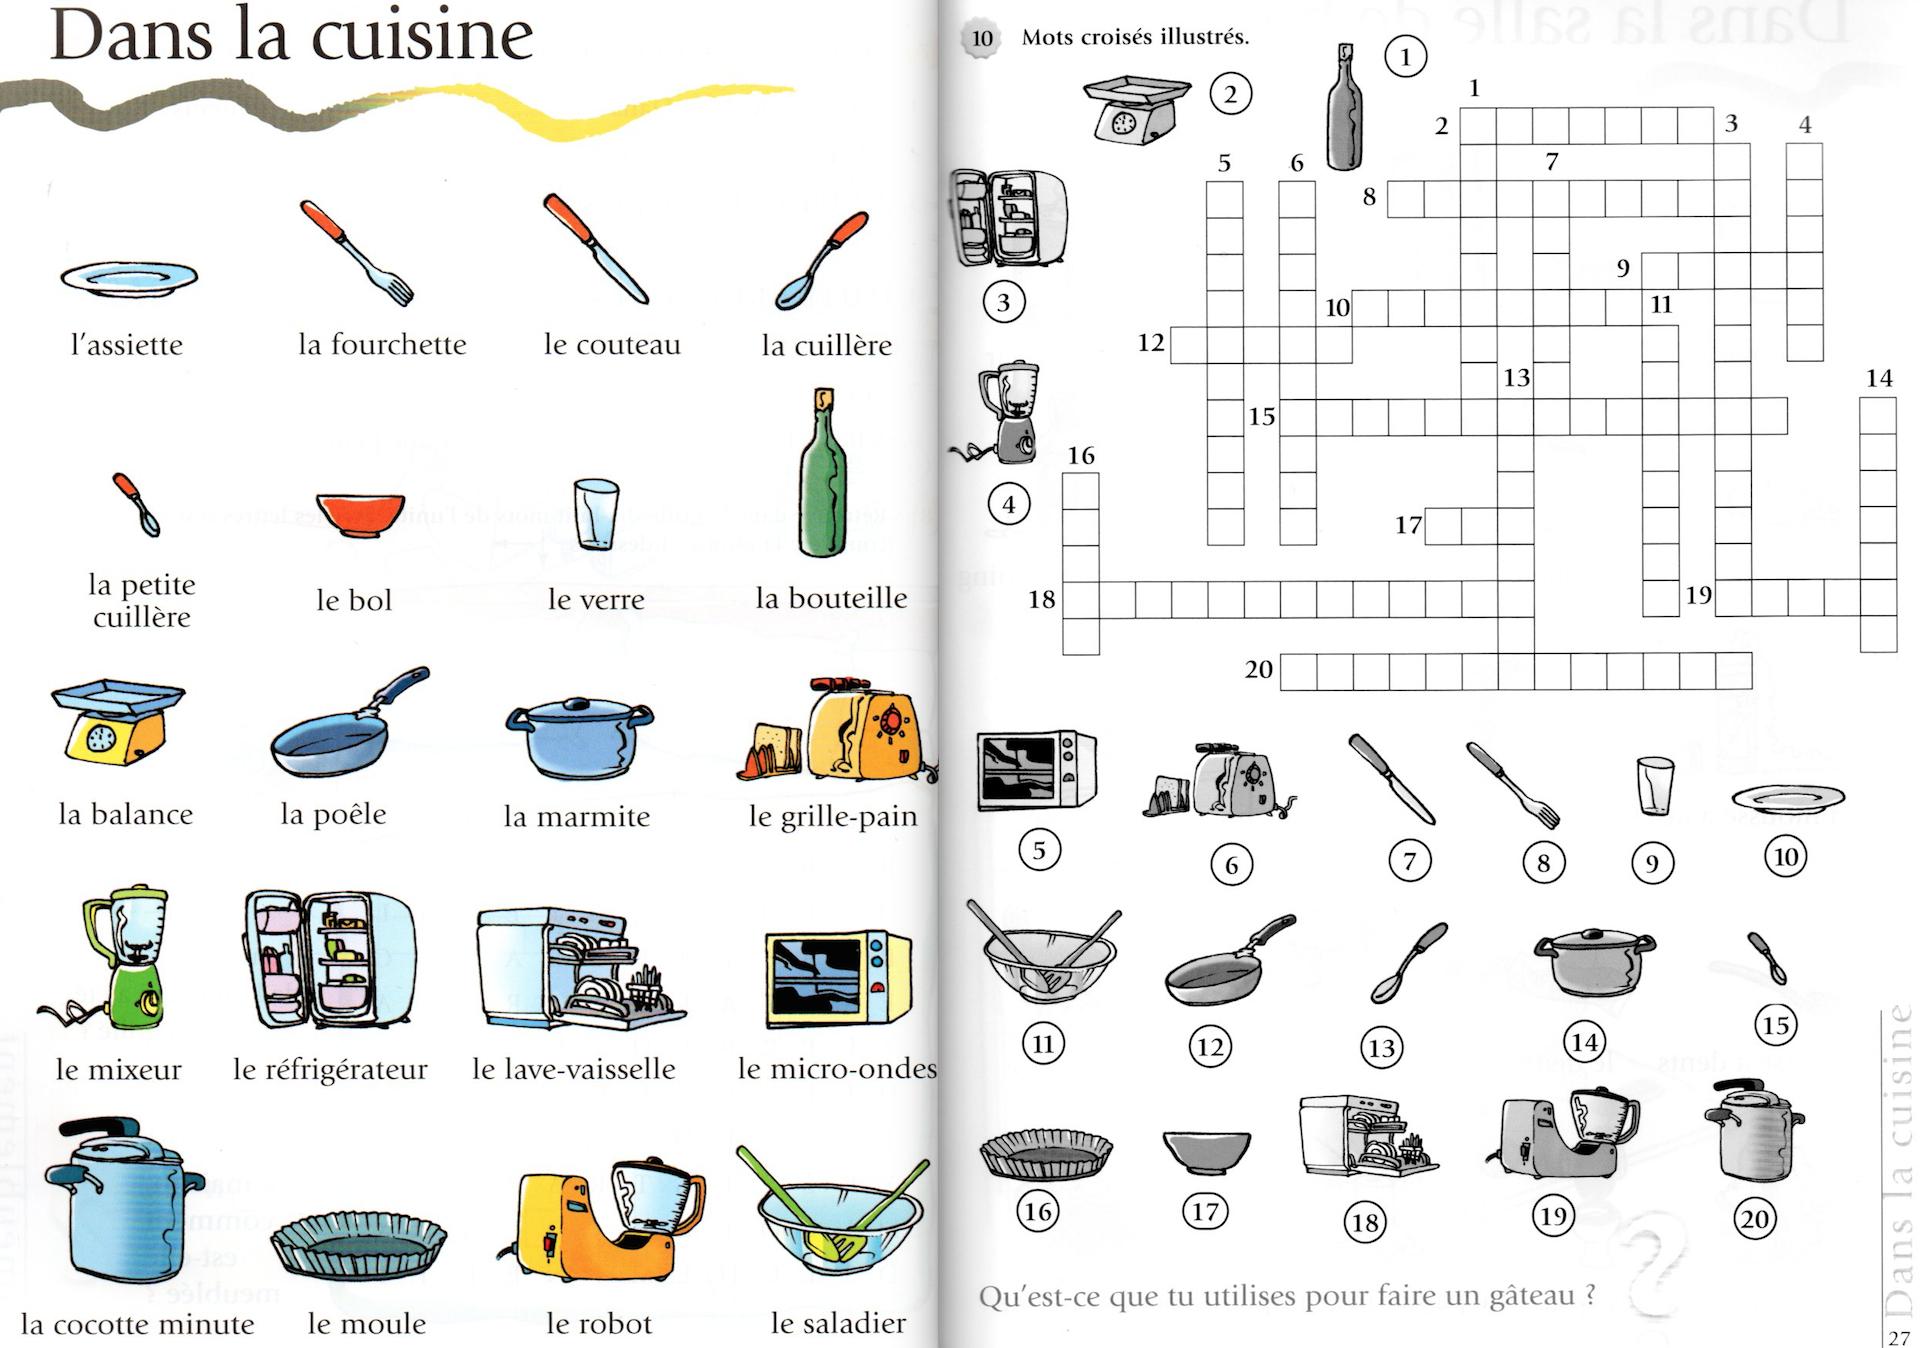 Mots Croisés De La Cuisine - A1 (Le Français De Jeu - S destiné Fabriquer Des Mots Croisés